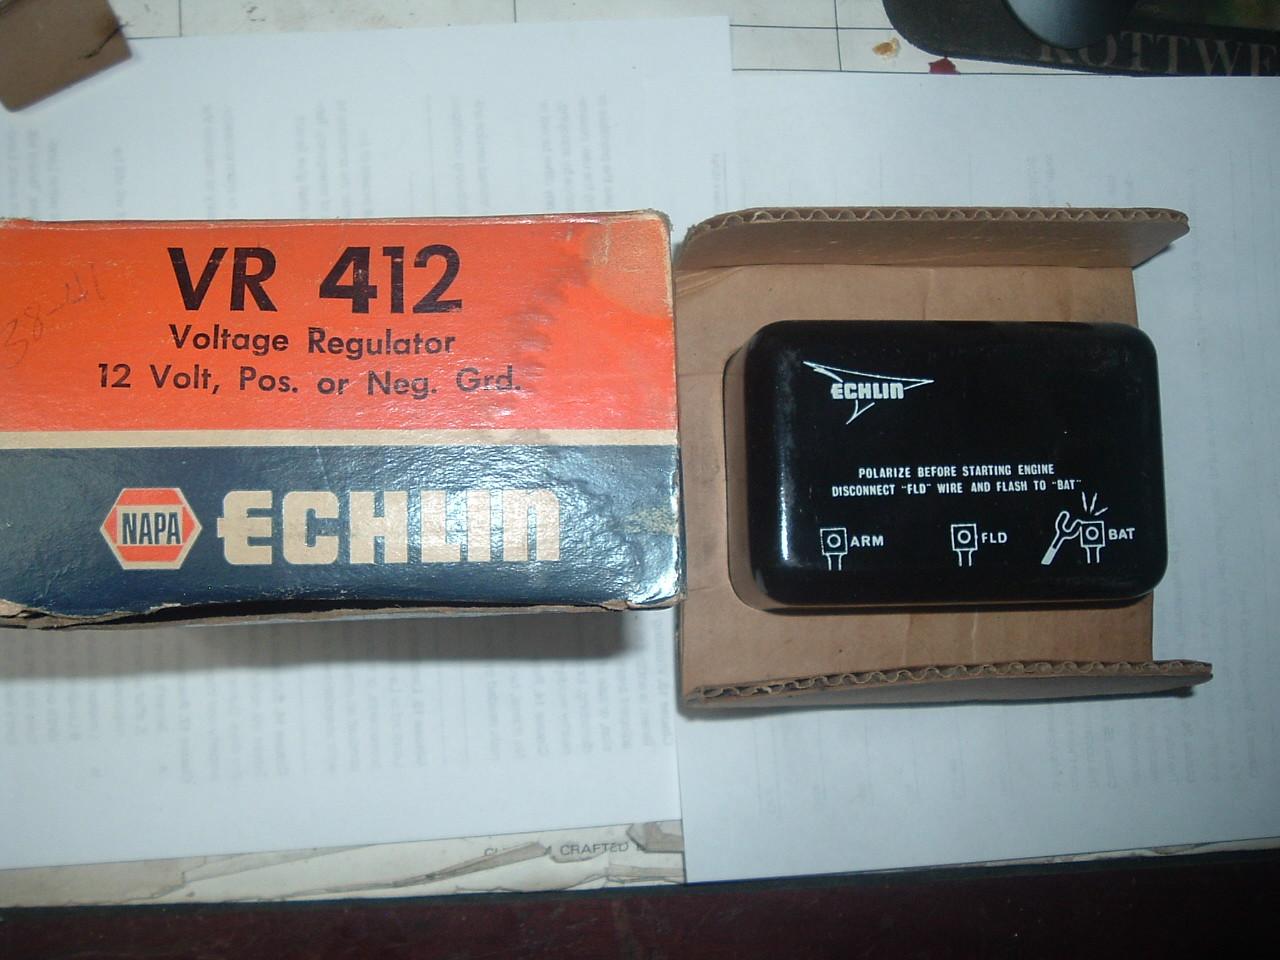 1957 1958 1959 1960 1961 1962 1963 1964 ford edsel voltage regulator (z vr428)